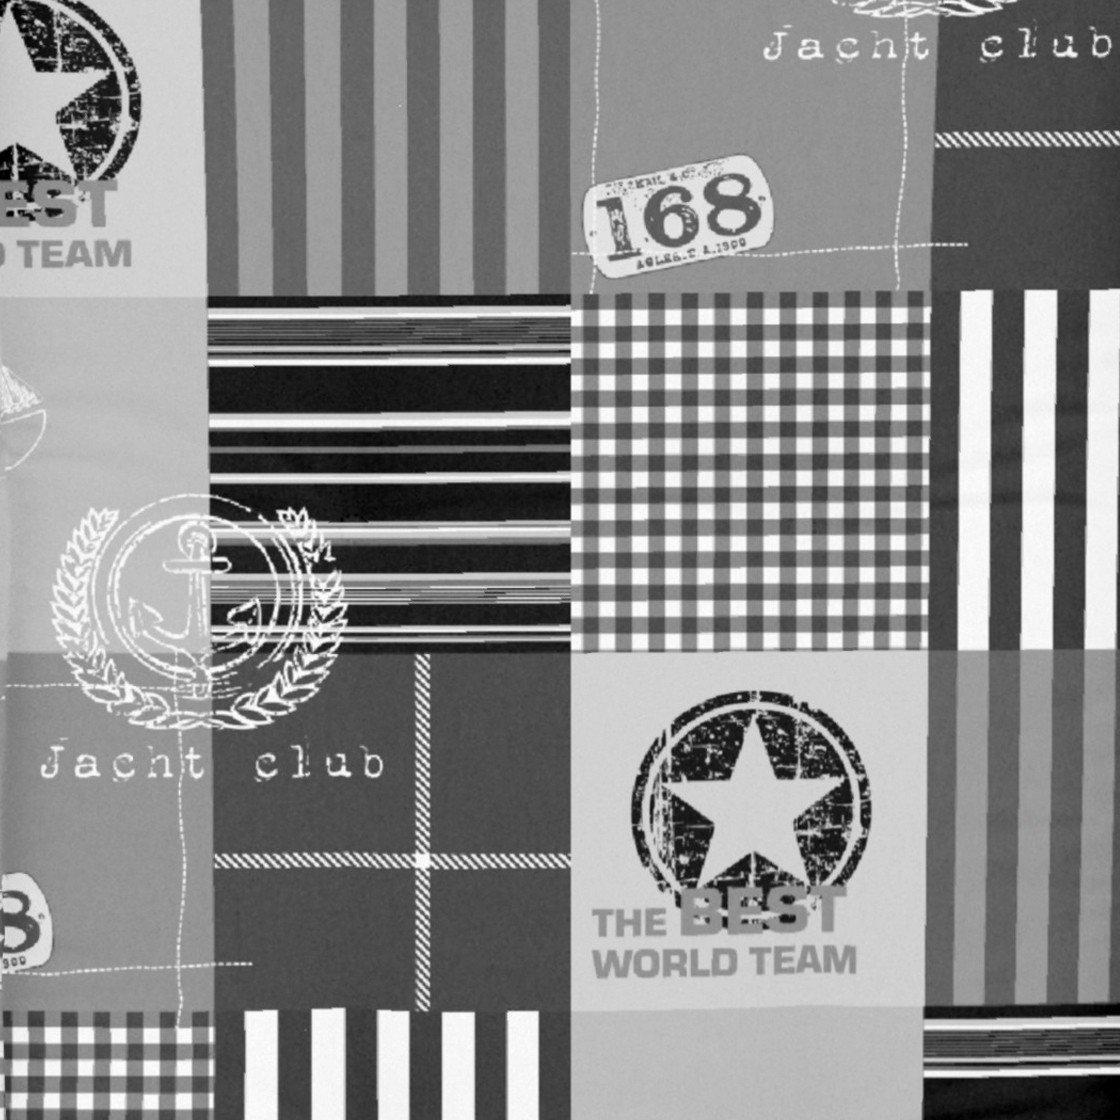 Sun Garden 10168037 Auflage Dessin Naxos 40237-720 für Liege, 50% Baumwolle, 50% Polyester, 190 x 60 x 6 cm jetzt kaufen